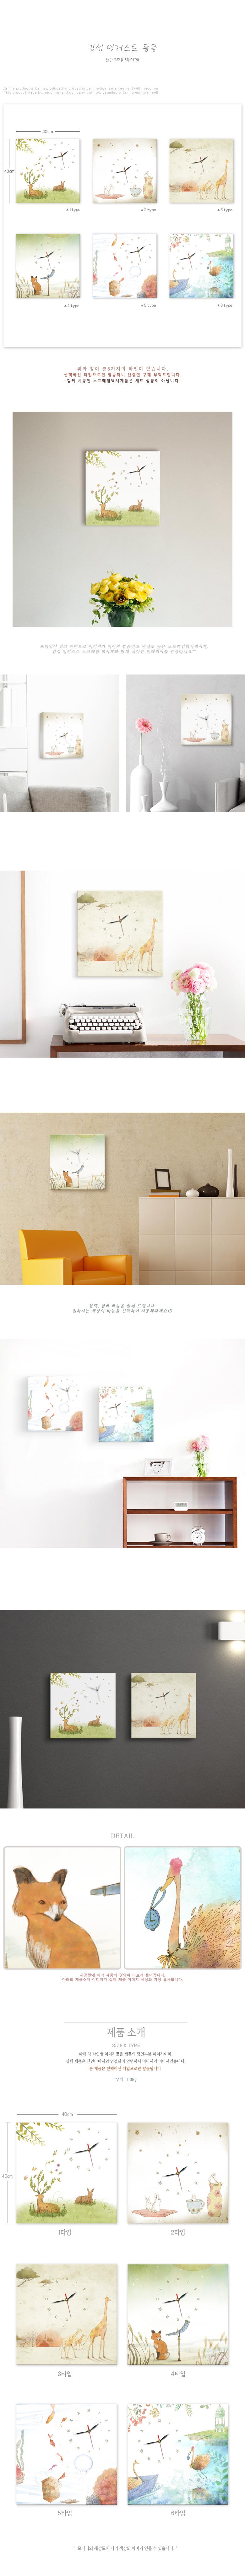 it085-감성일러스트_동물_노프레임벽시계 - 꾸밈, 25,900원, 벽시계, 디자인벽시계